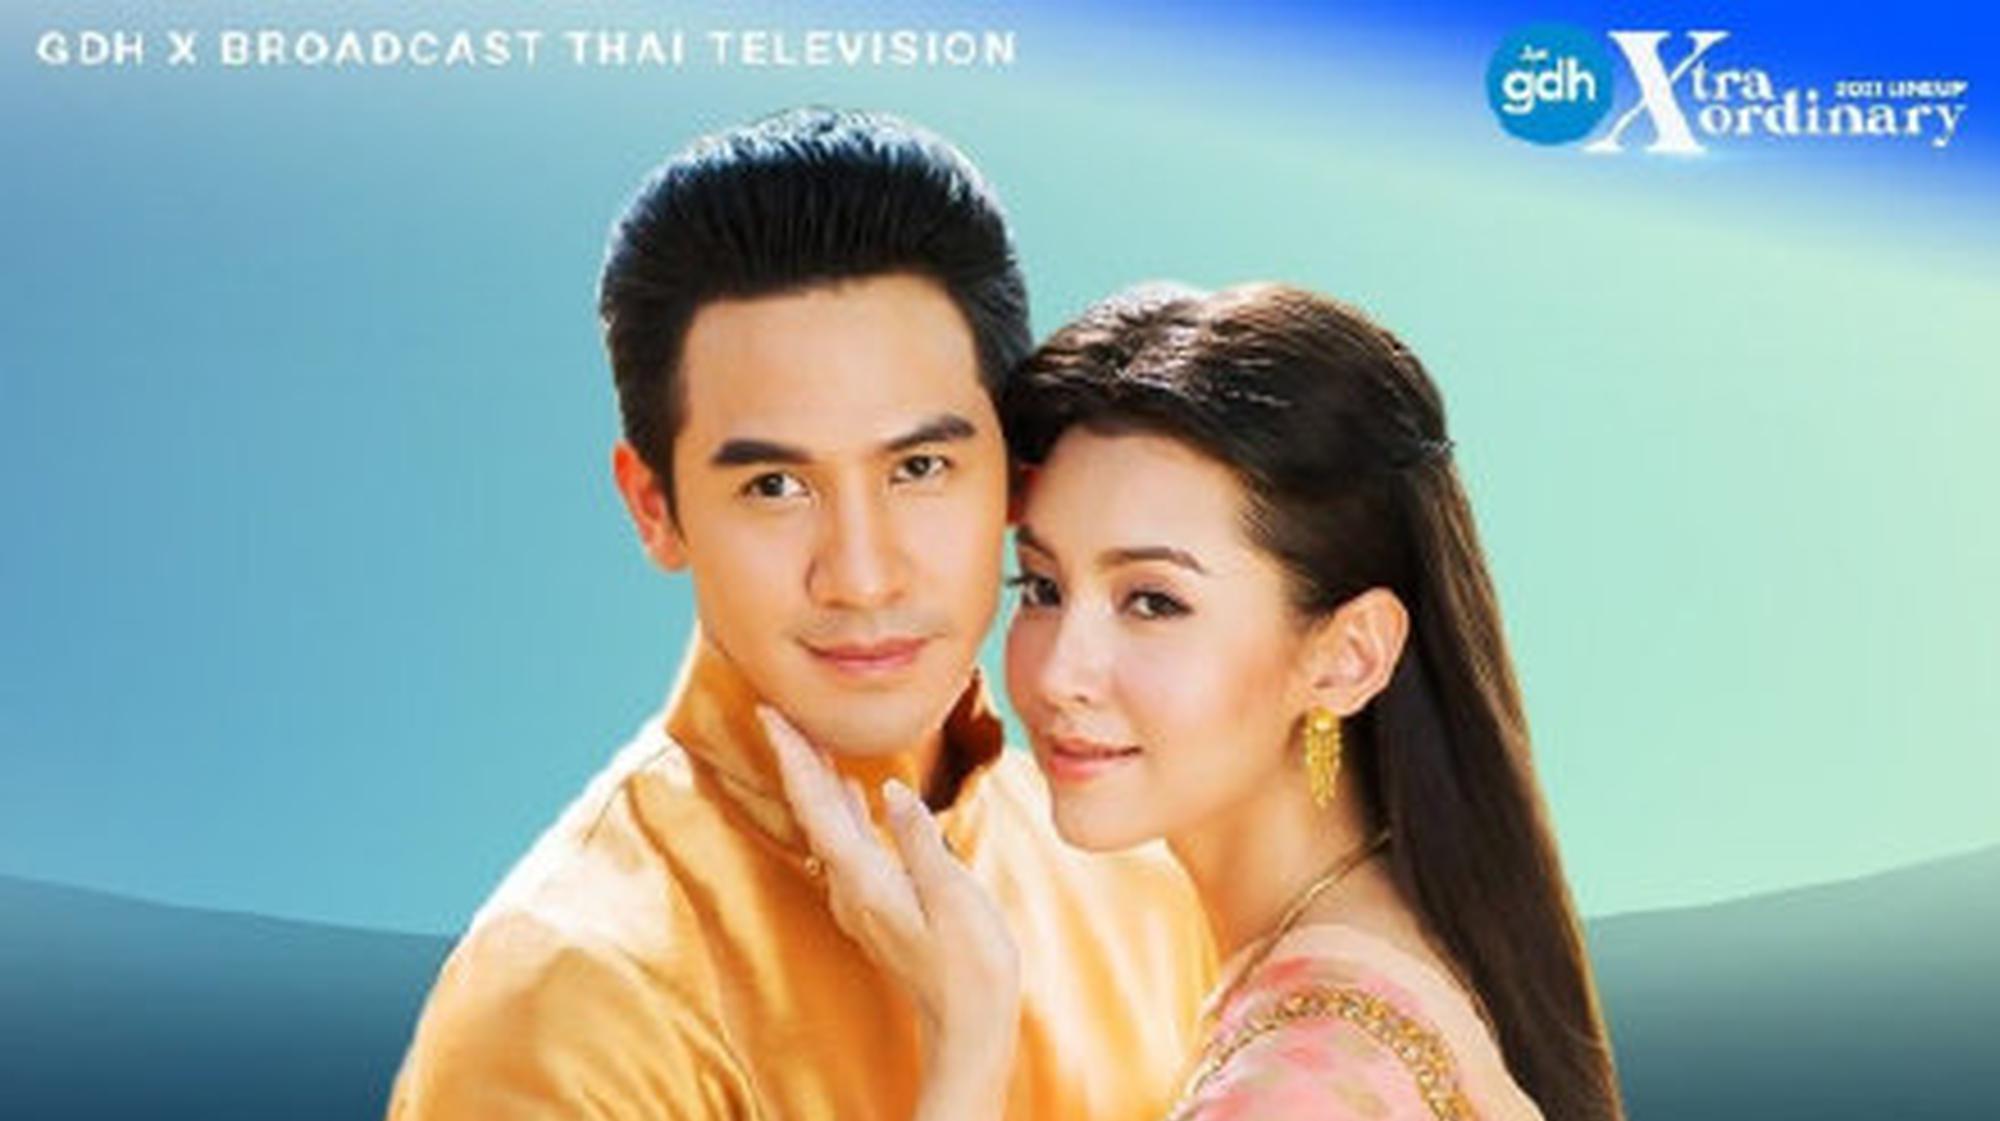 泰国神剧《天生一对》续集开拍电影版 预算破天价